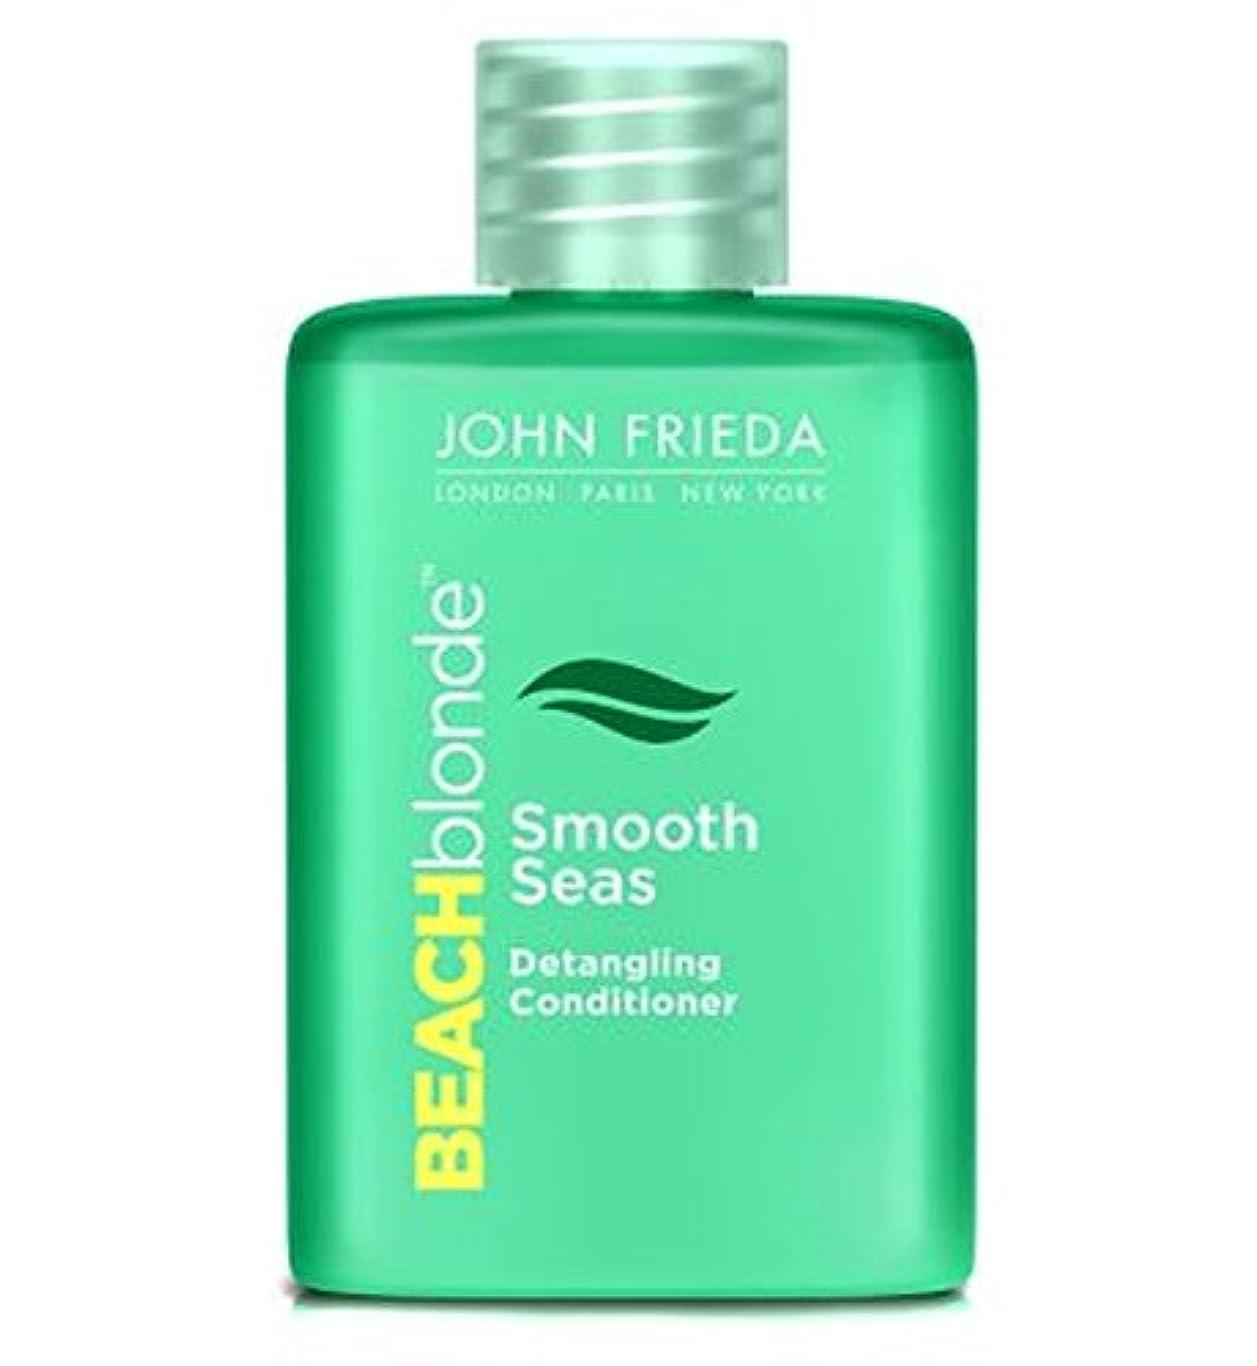 アトラス競うまでJohn Frieda? Beach Blonde Smooth Seas Detangling Conditioner 50ml - コンディショナー50ミリリットルをもつれ解除ジョンFrieda?ビーチブロンド滑らかな...